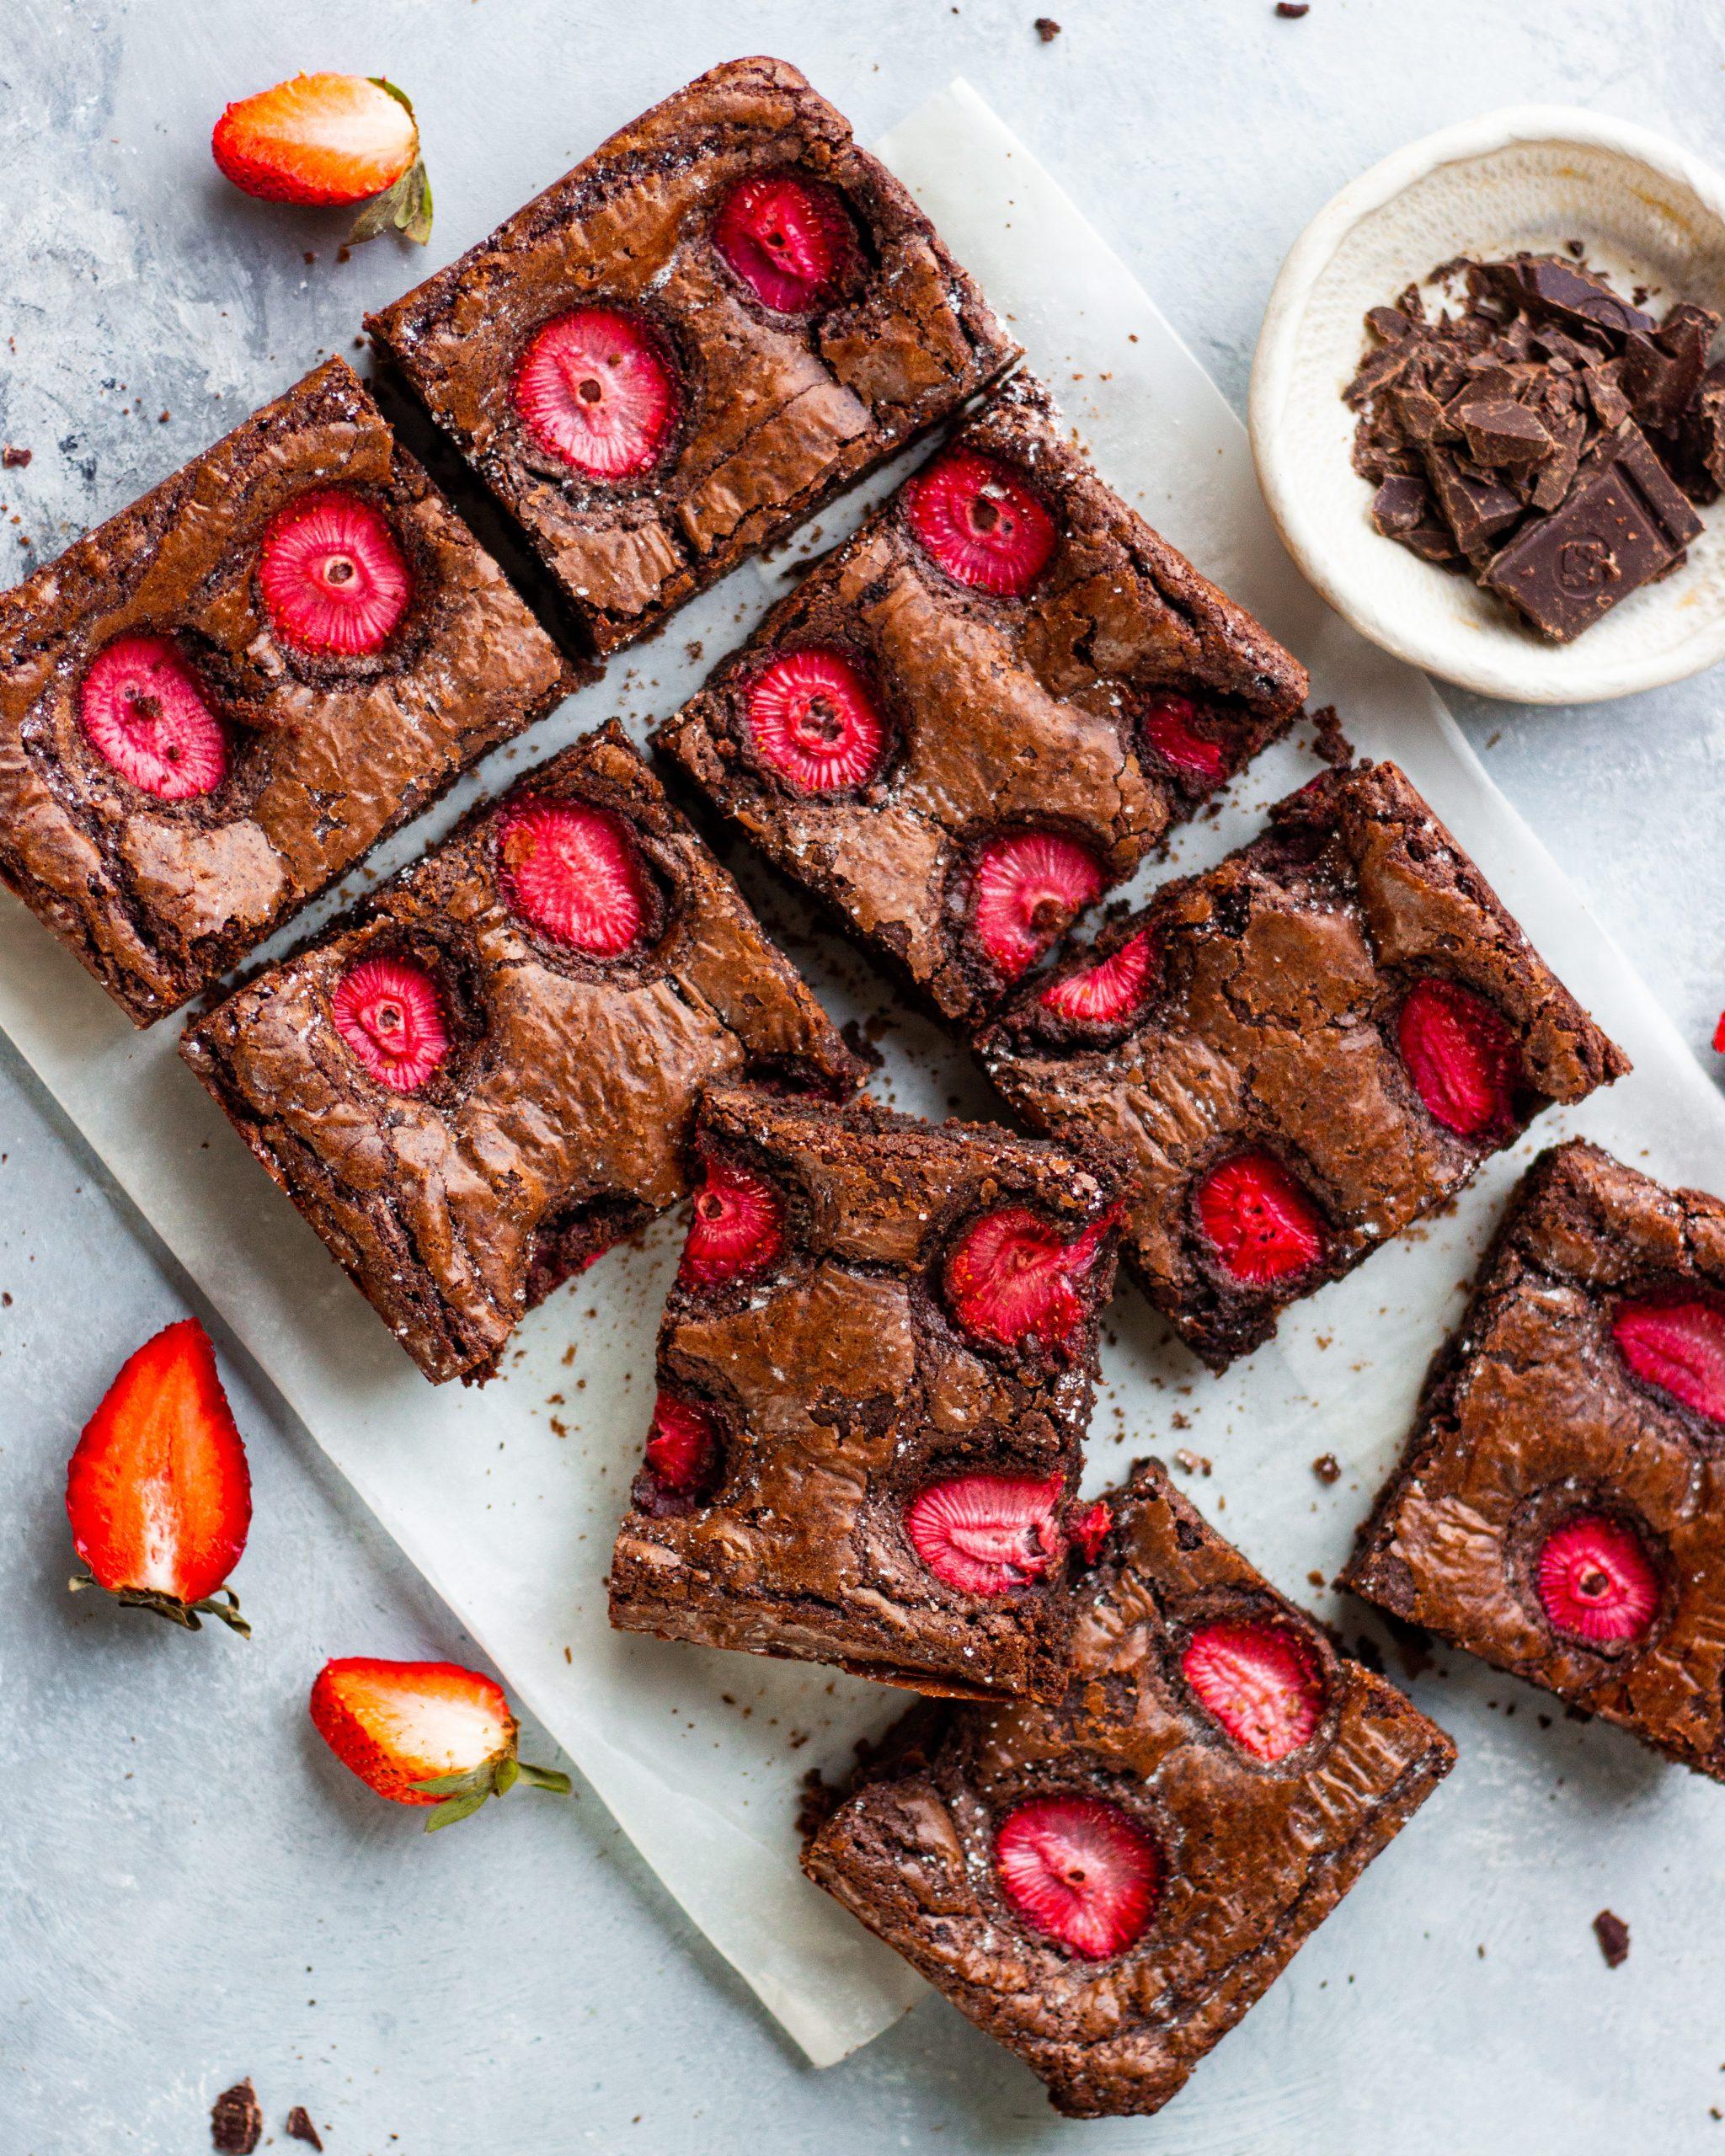 strawberry brownie